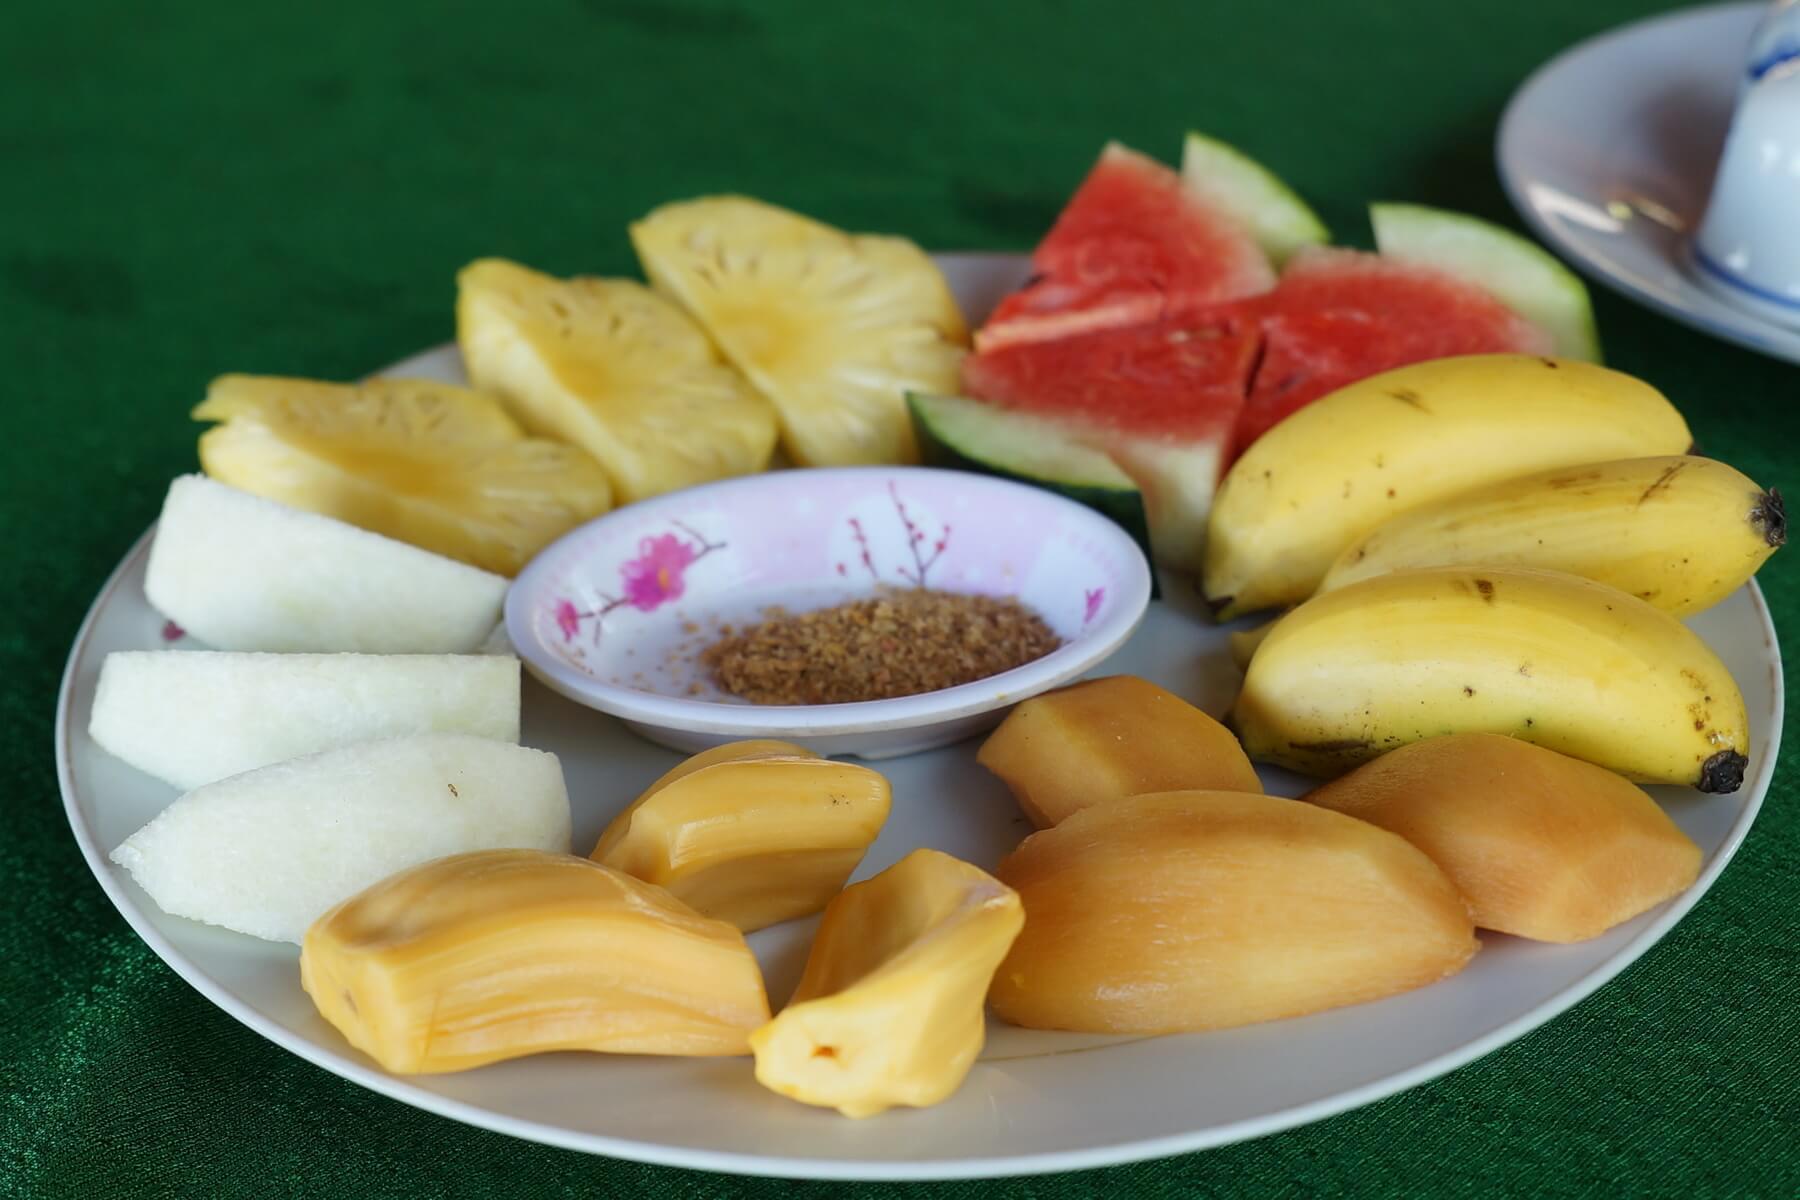 Früchteteller zum TET Festival in Vietnam